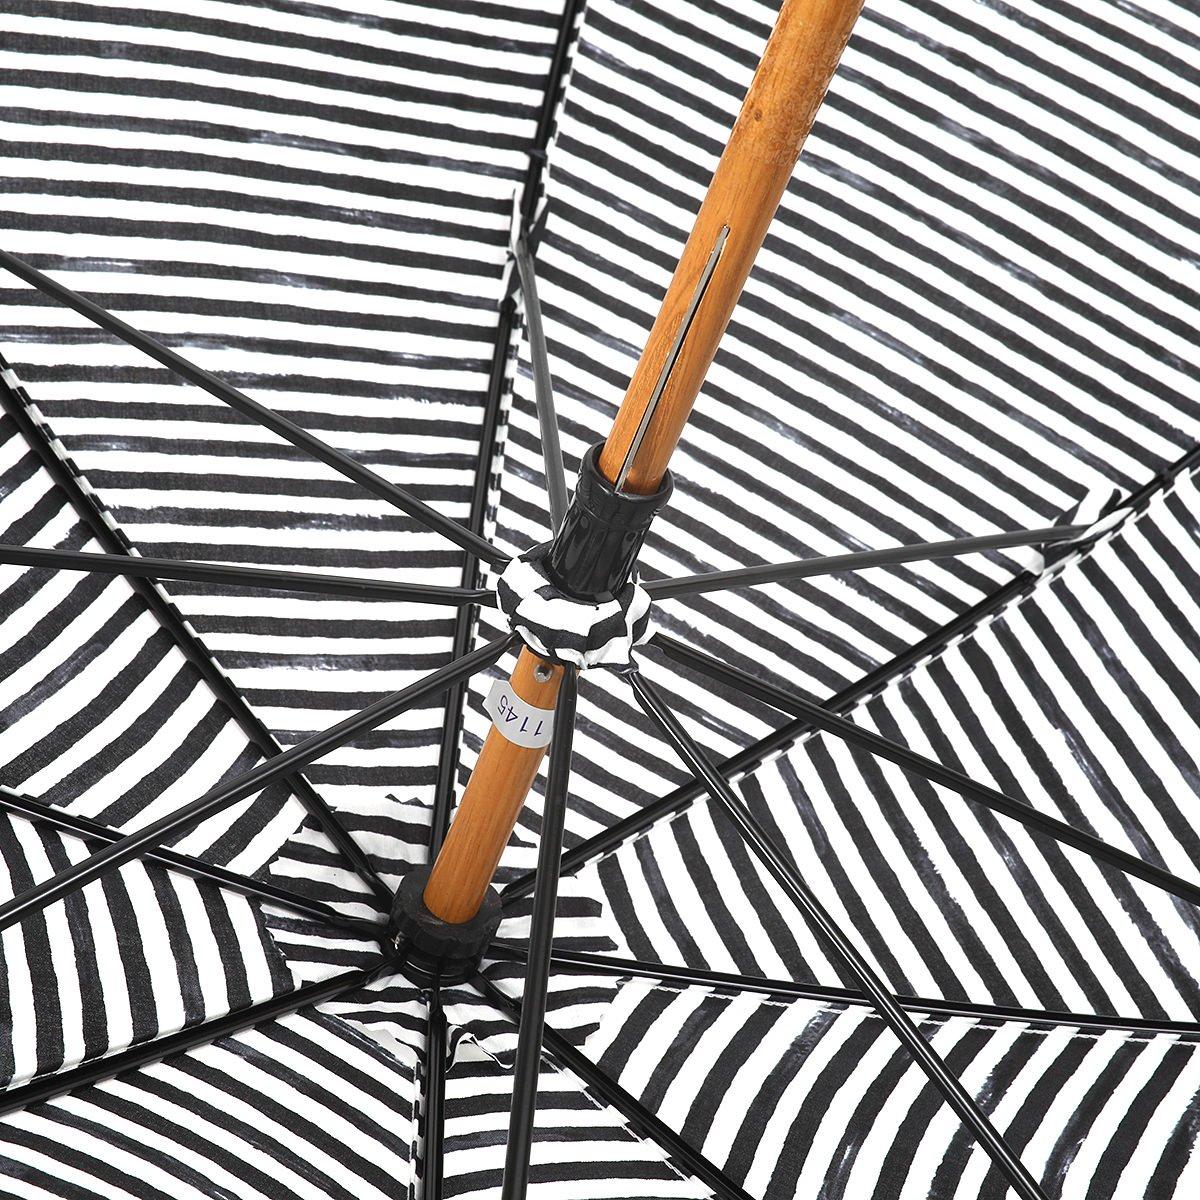 【晴雨兼用傘】レディース 手書き風 ボーダー柄 長傘 詳細画像6